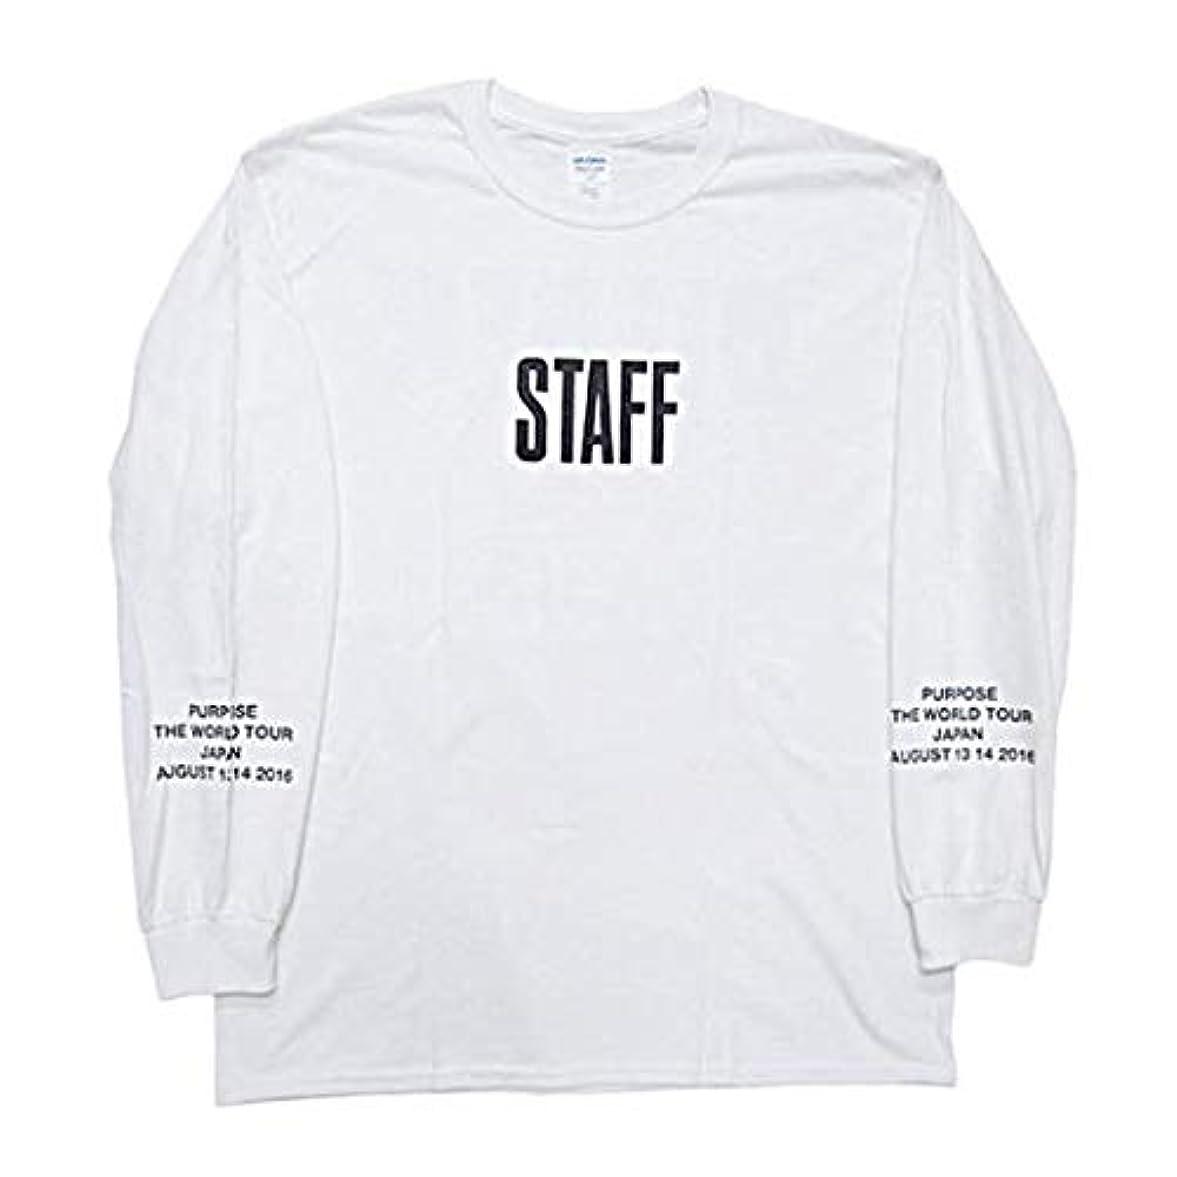 シングル厳密に病限定 ジャスティンビーバー パーパスツアー 長袖Tシャツ justinbieber purpose tour GR8店